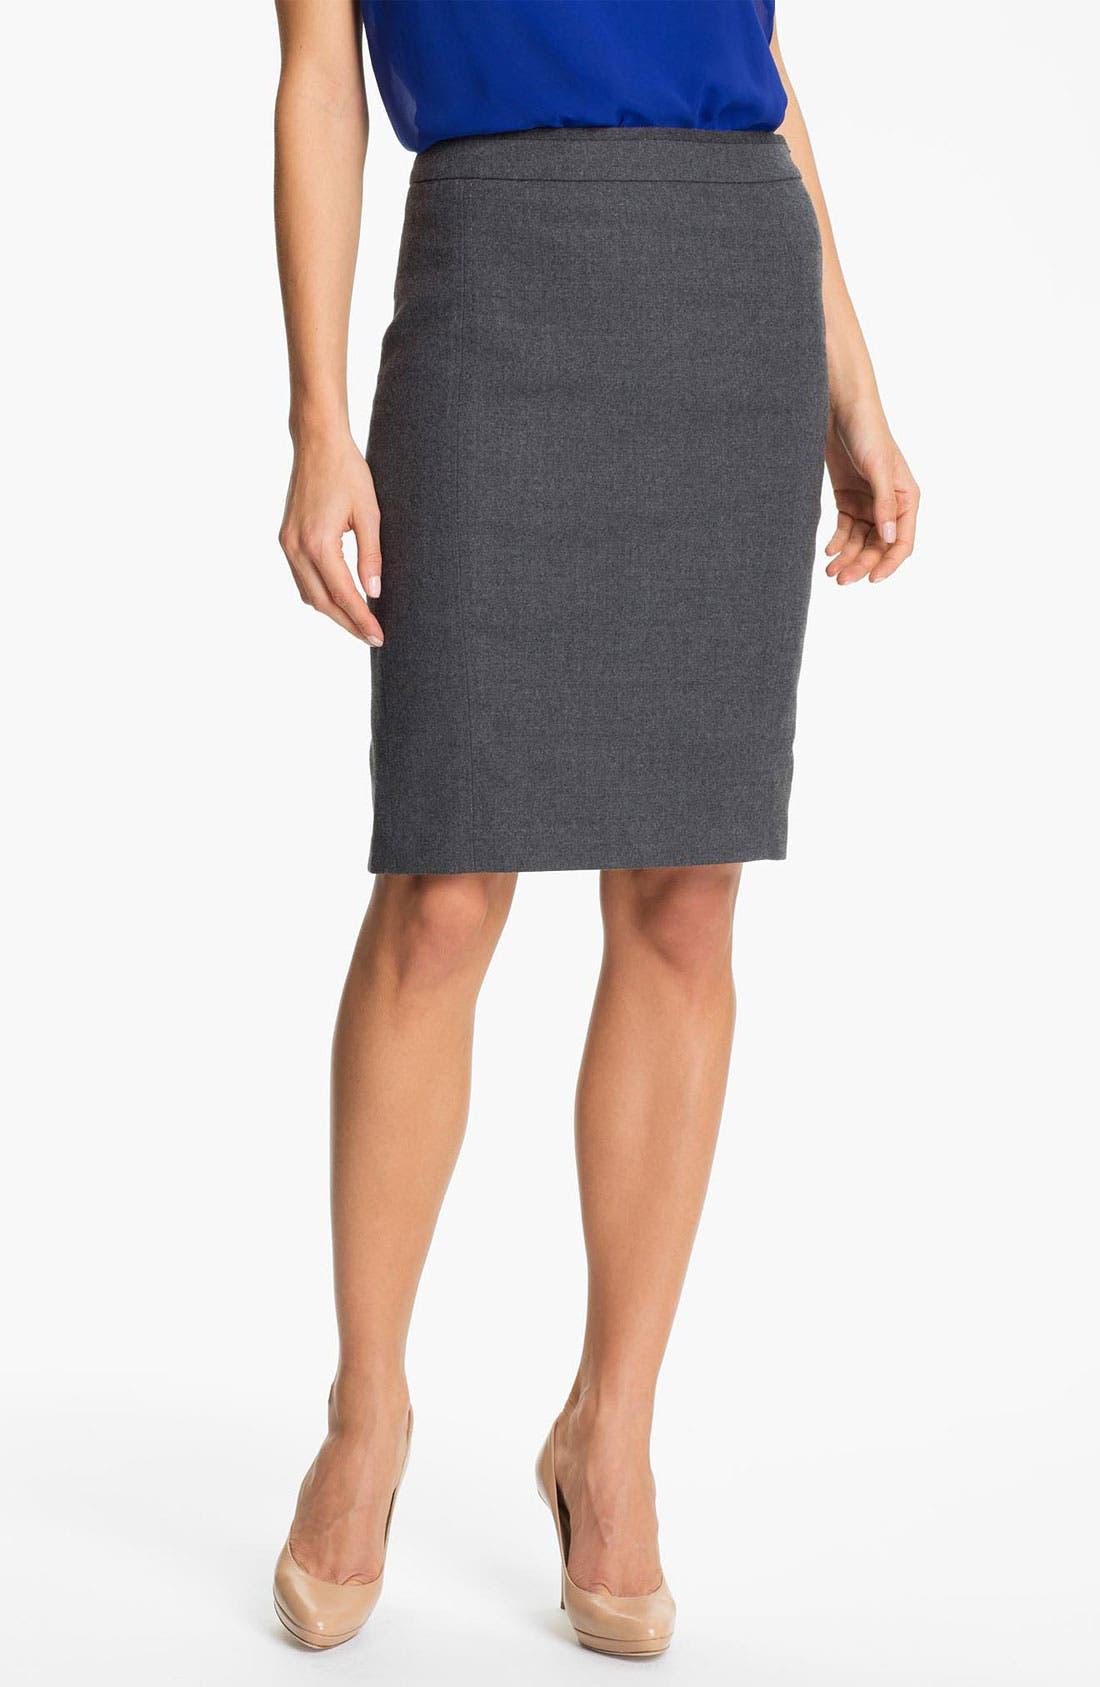 Alternate Image 1 Selected - Ted Baker London 'Neyoas' Skirt